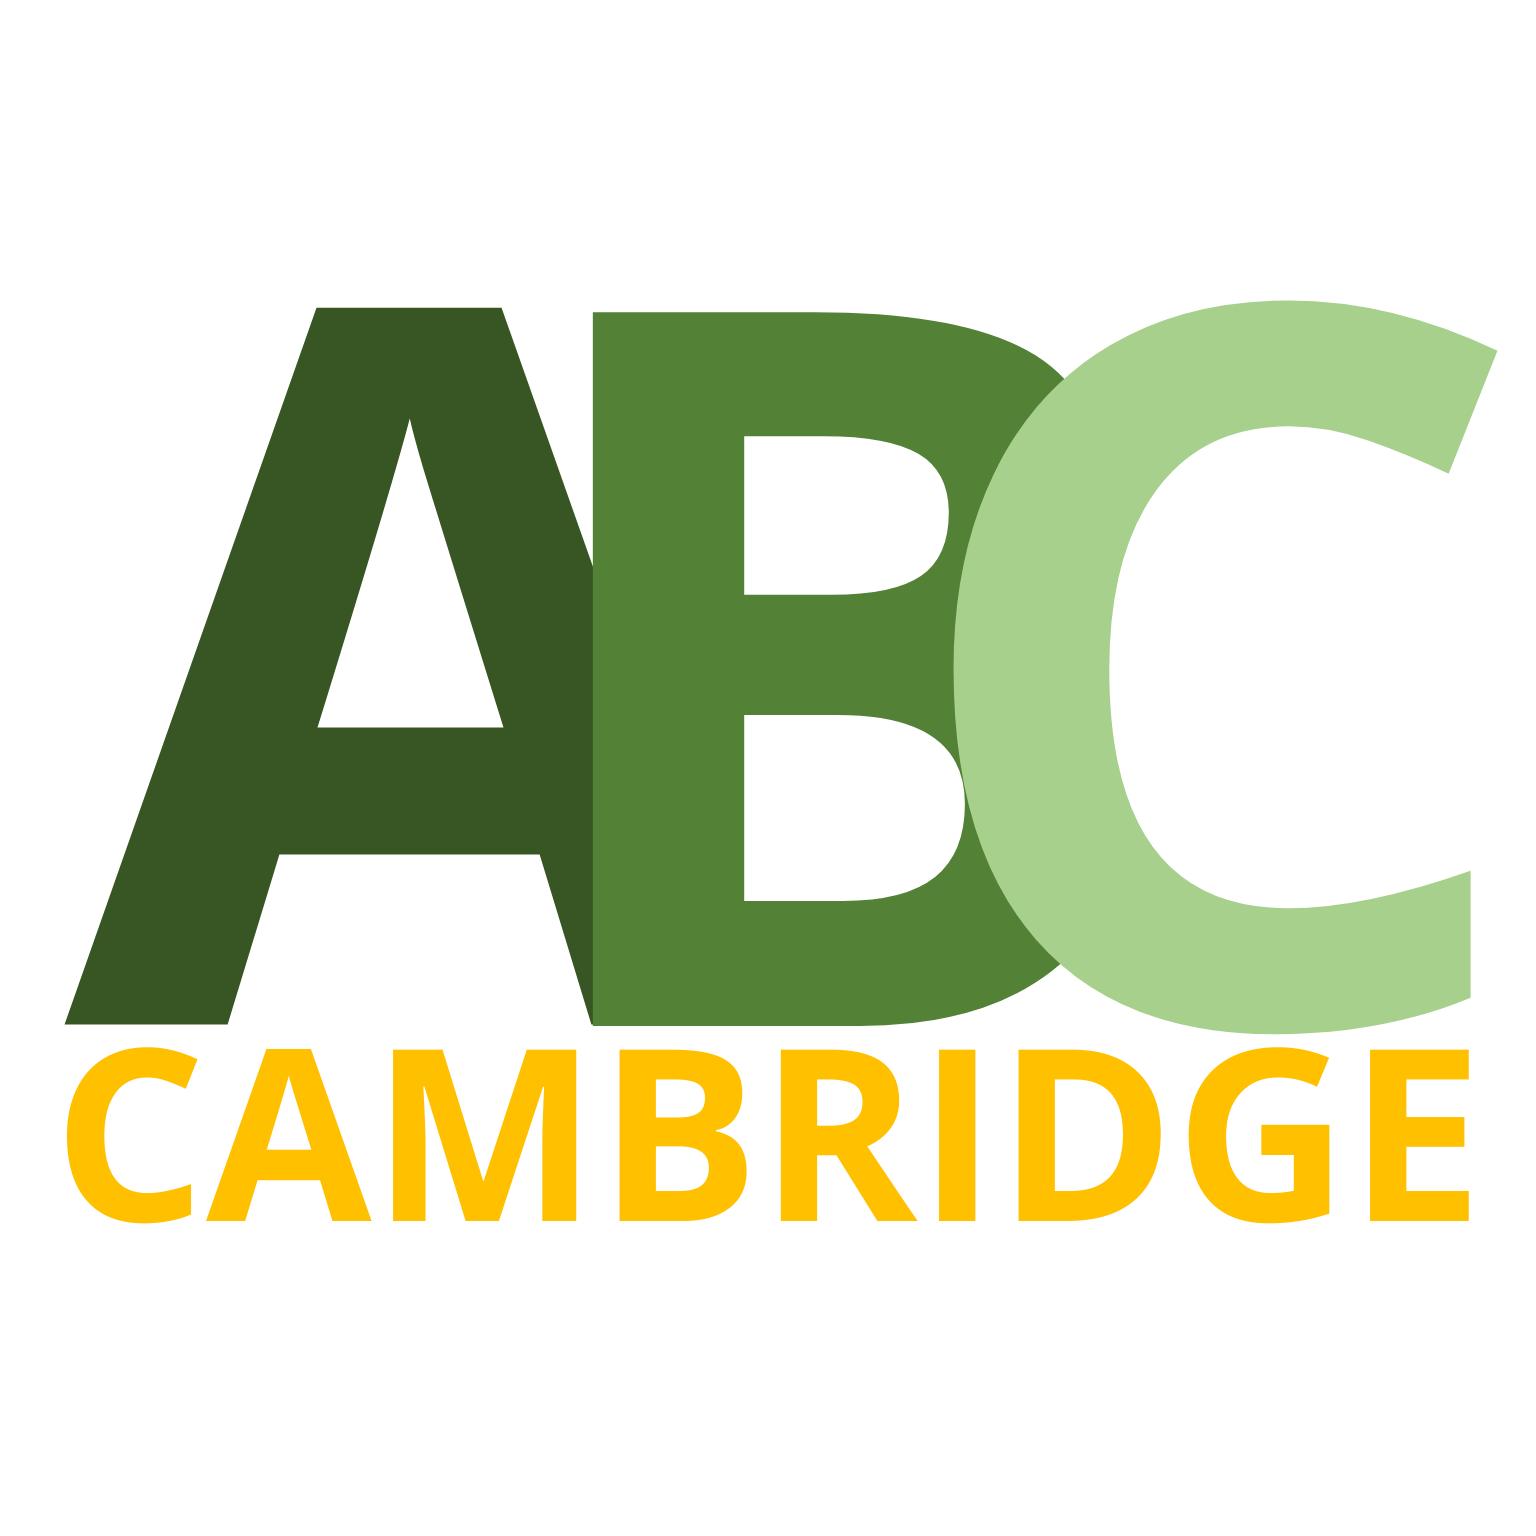 ABC Cambridge